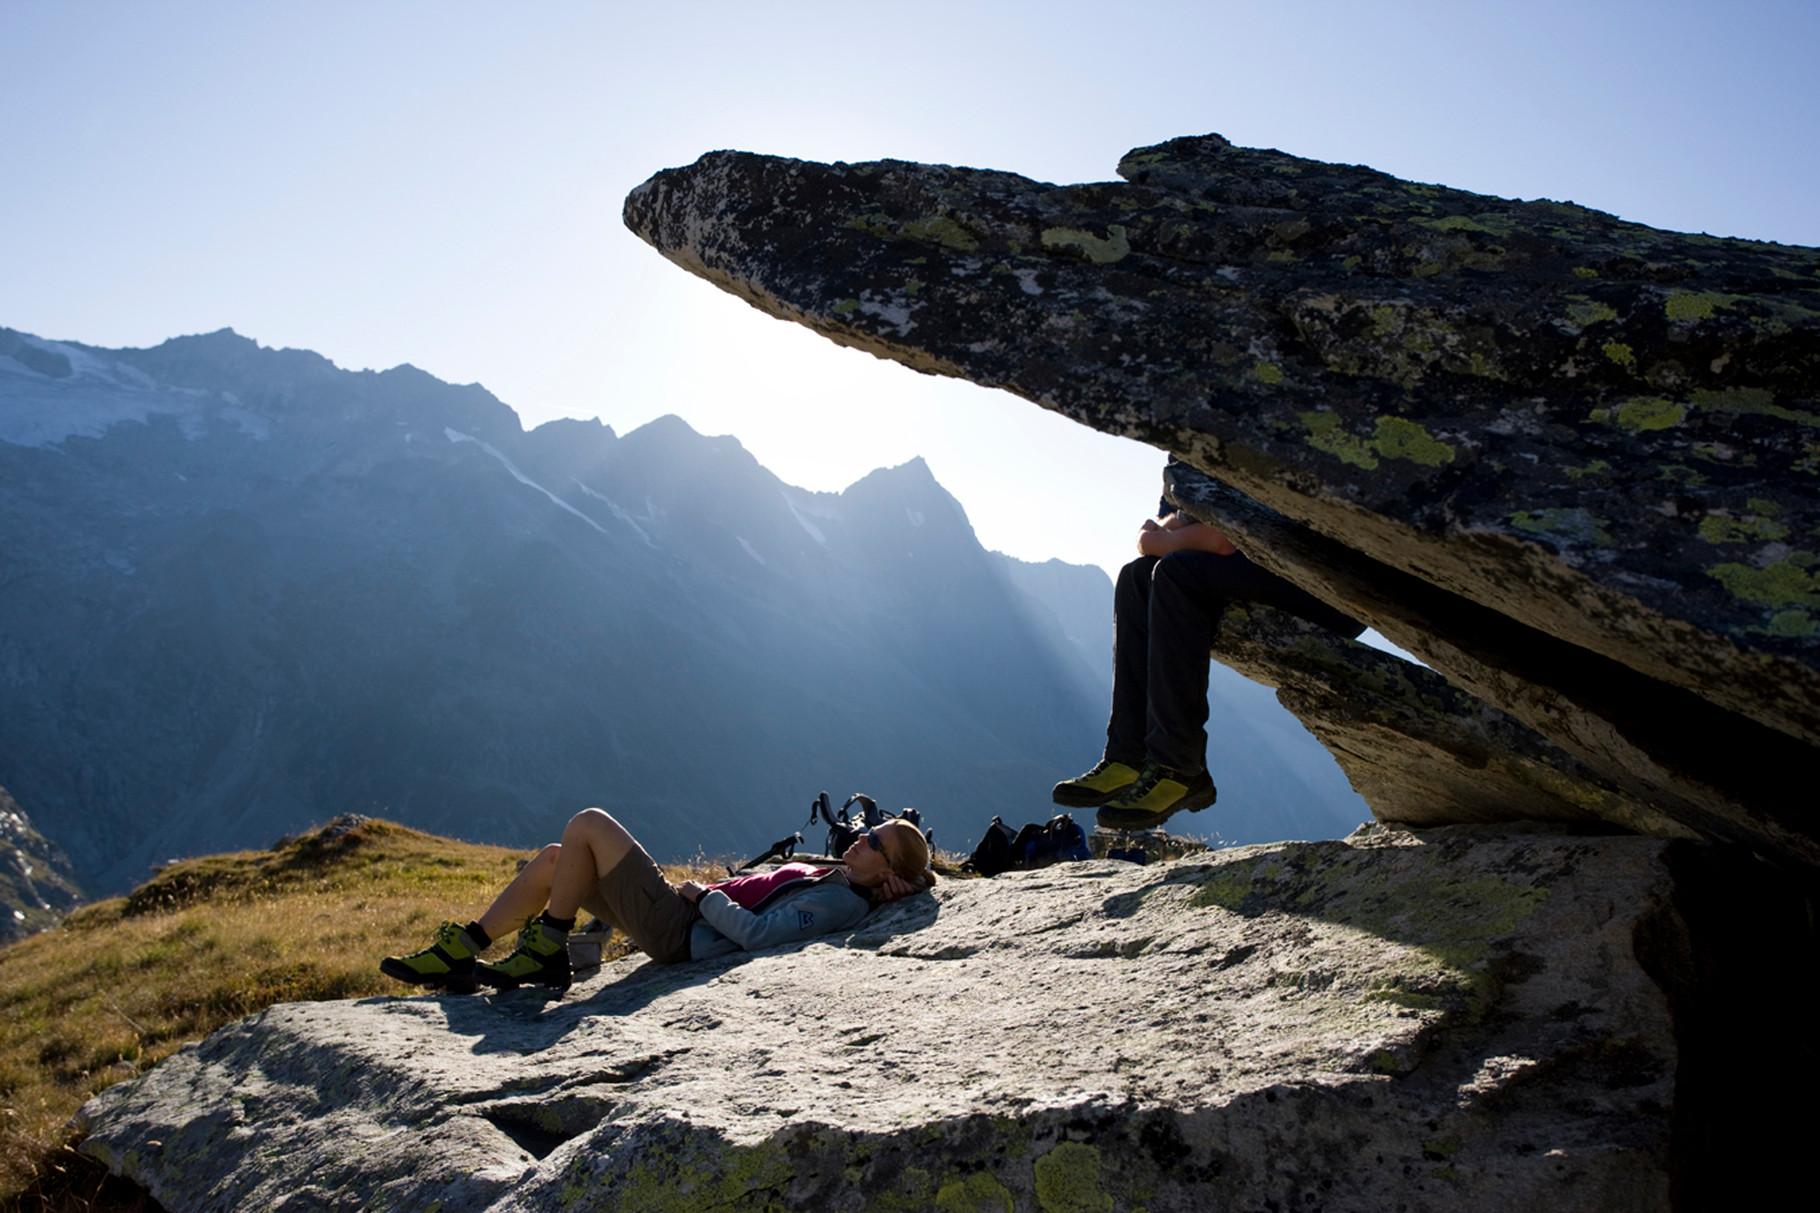 einfach einmal die Seele baumeln lassen - wandern am Ahorn © Zillertal Tourismus GmbH/Ritschel